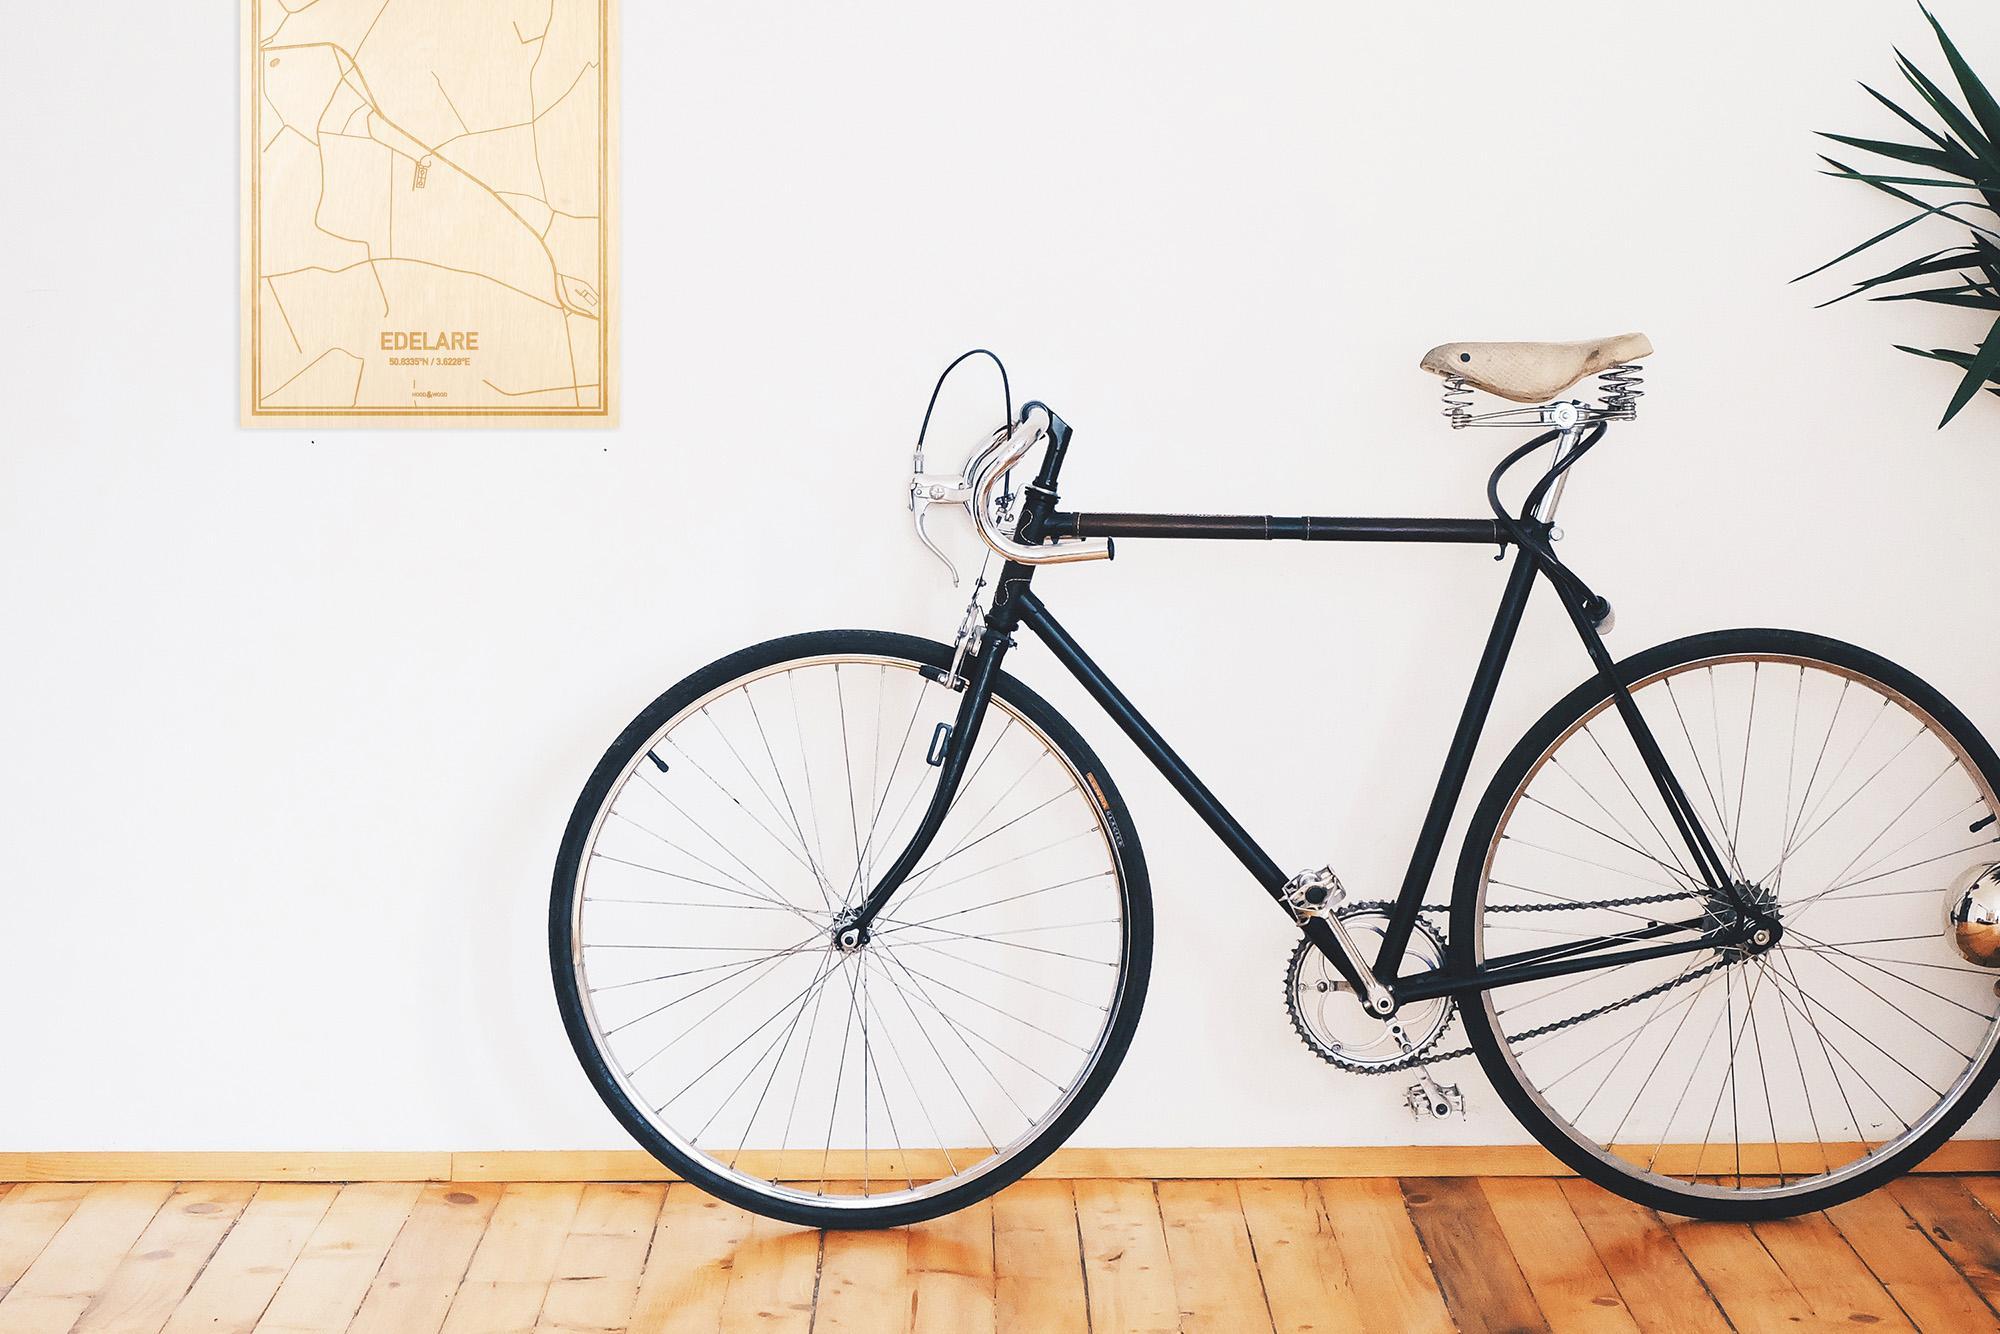 Een snelle fiets in een uniek interieur in Oost-Vlaanderen  met mooie decoratie zoals de plattegrond Edelare.